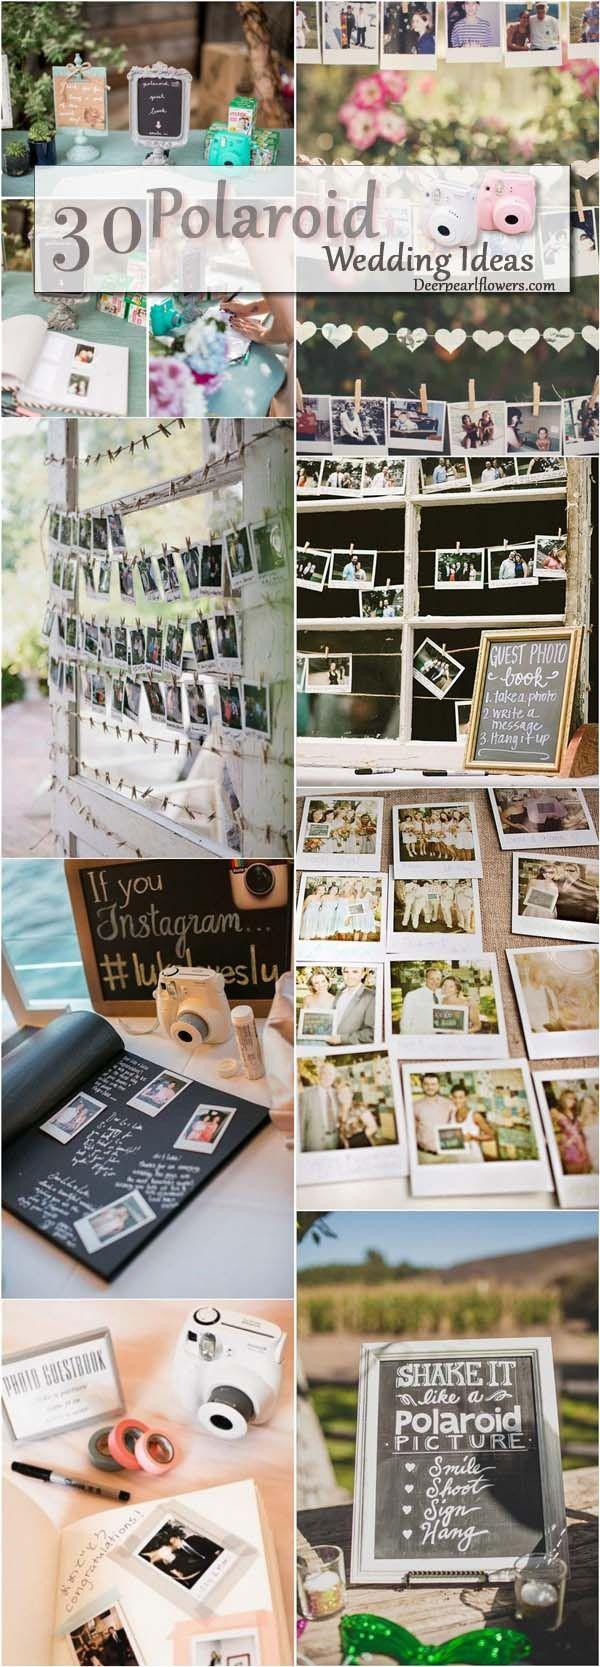 Poloroid Wedding Ideas Unique Wedding Ideas Polaroid Wedding Guestbook Ideas Www